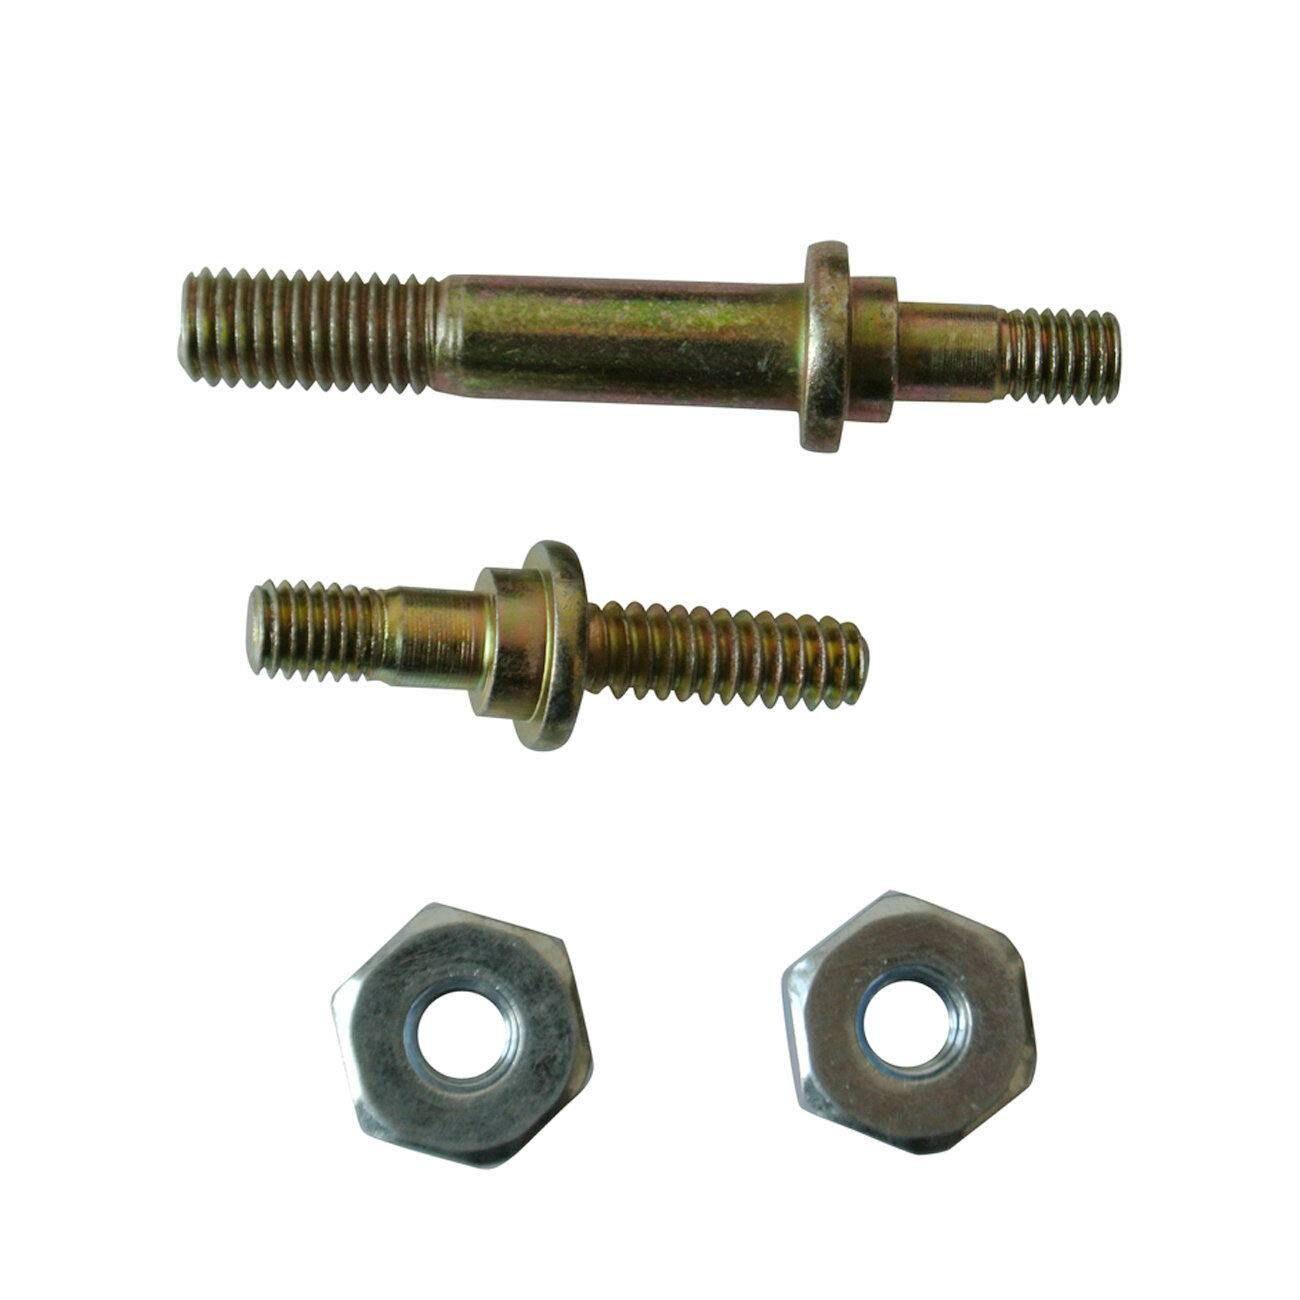 Piñón de cadena, cubierta de parachoques, tuerca de tornillo de espiga para Stihl 029 039 MS310 MS390 MS290